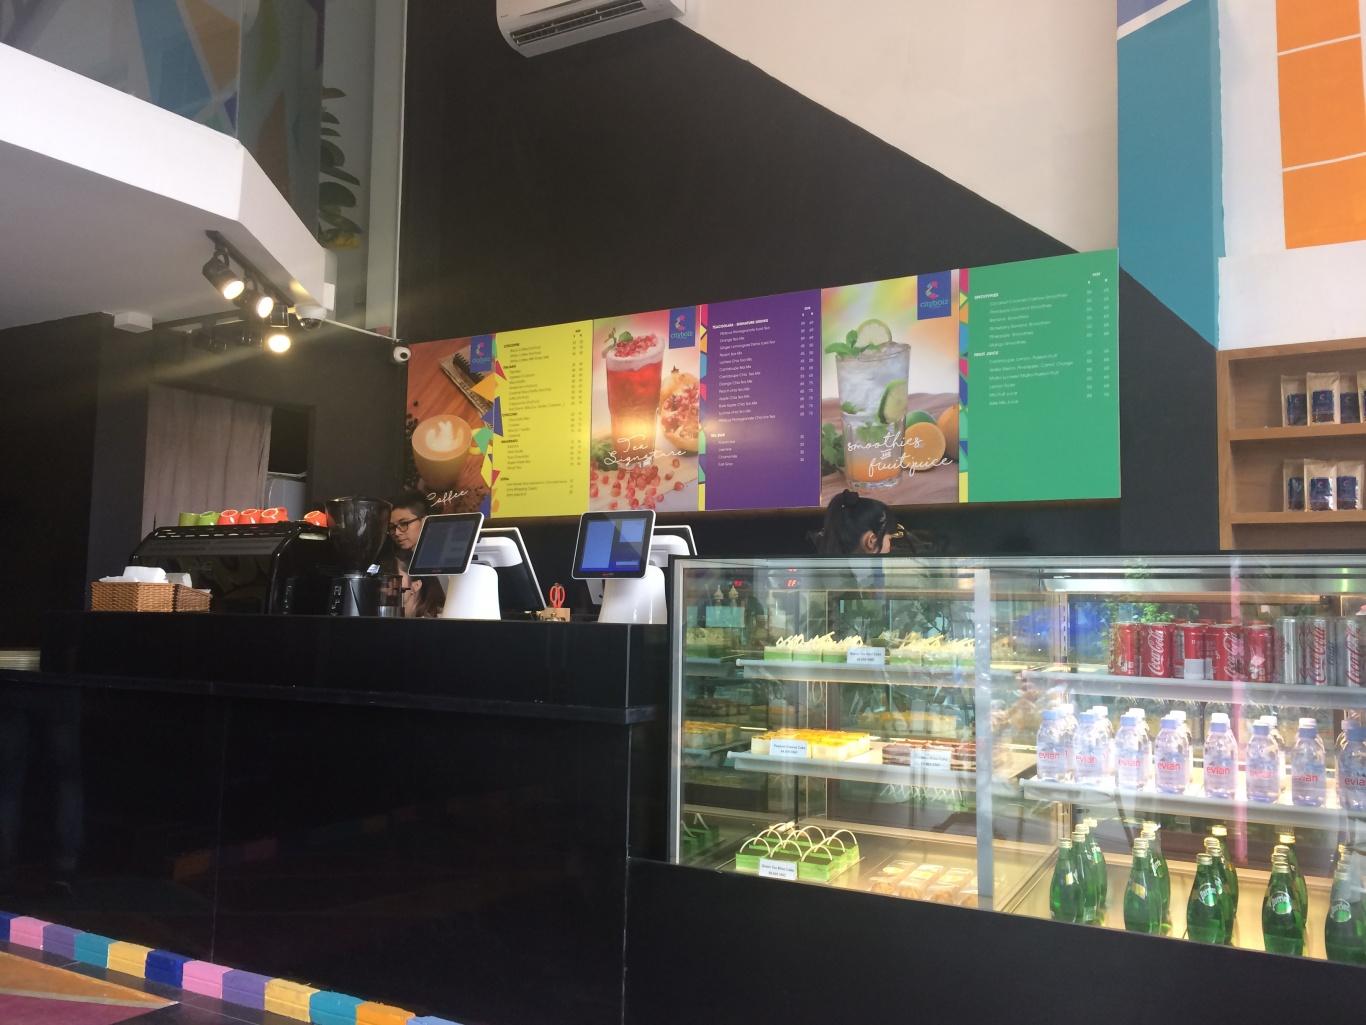 Ecall đã hoàn thiện lắp đặt nút gọi chuông phục vụ ST-200 cho Cityboiz Coffee